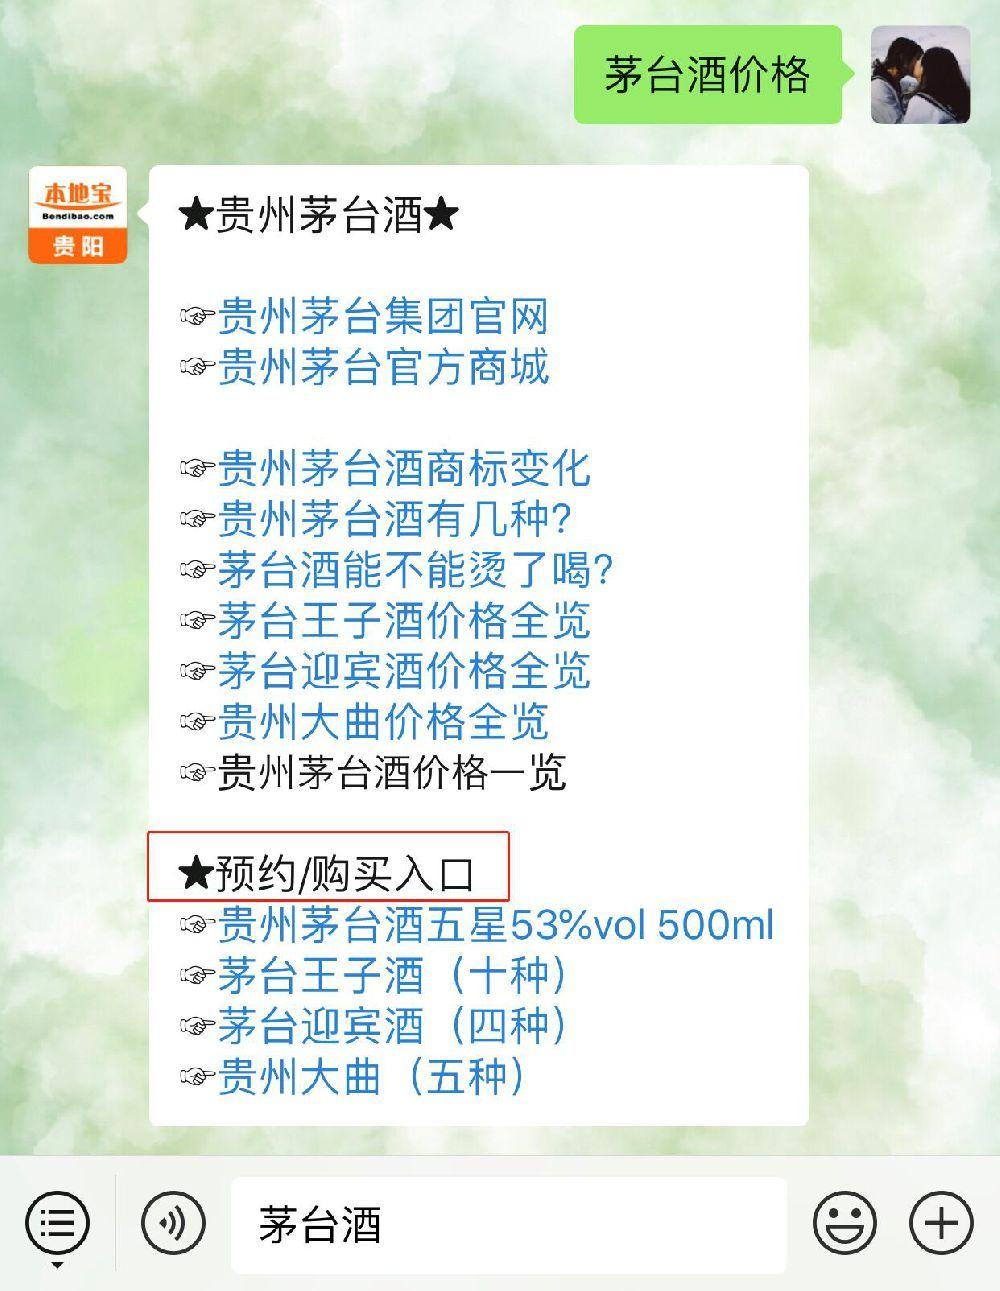 贵州大曲53度价格(来自官网)